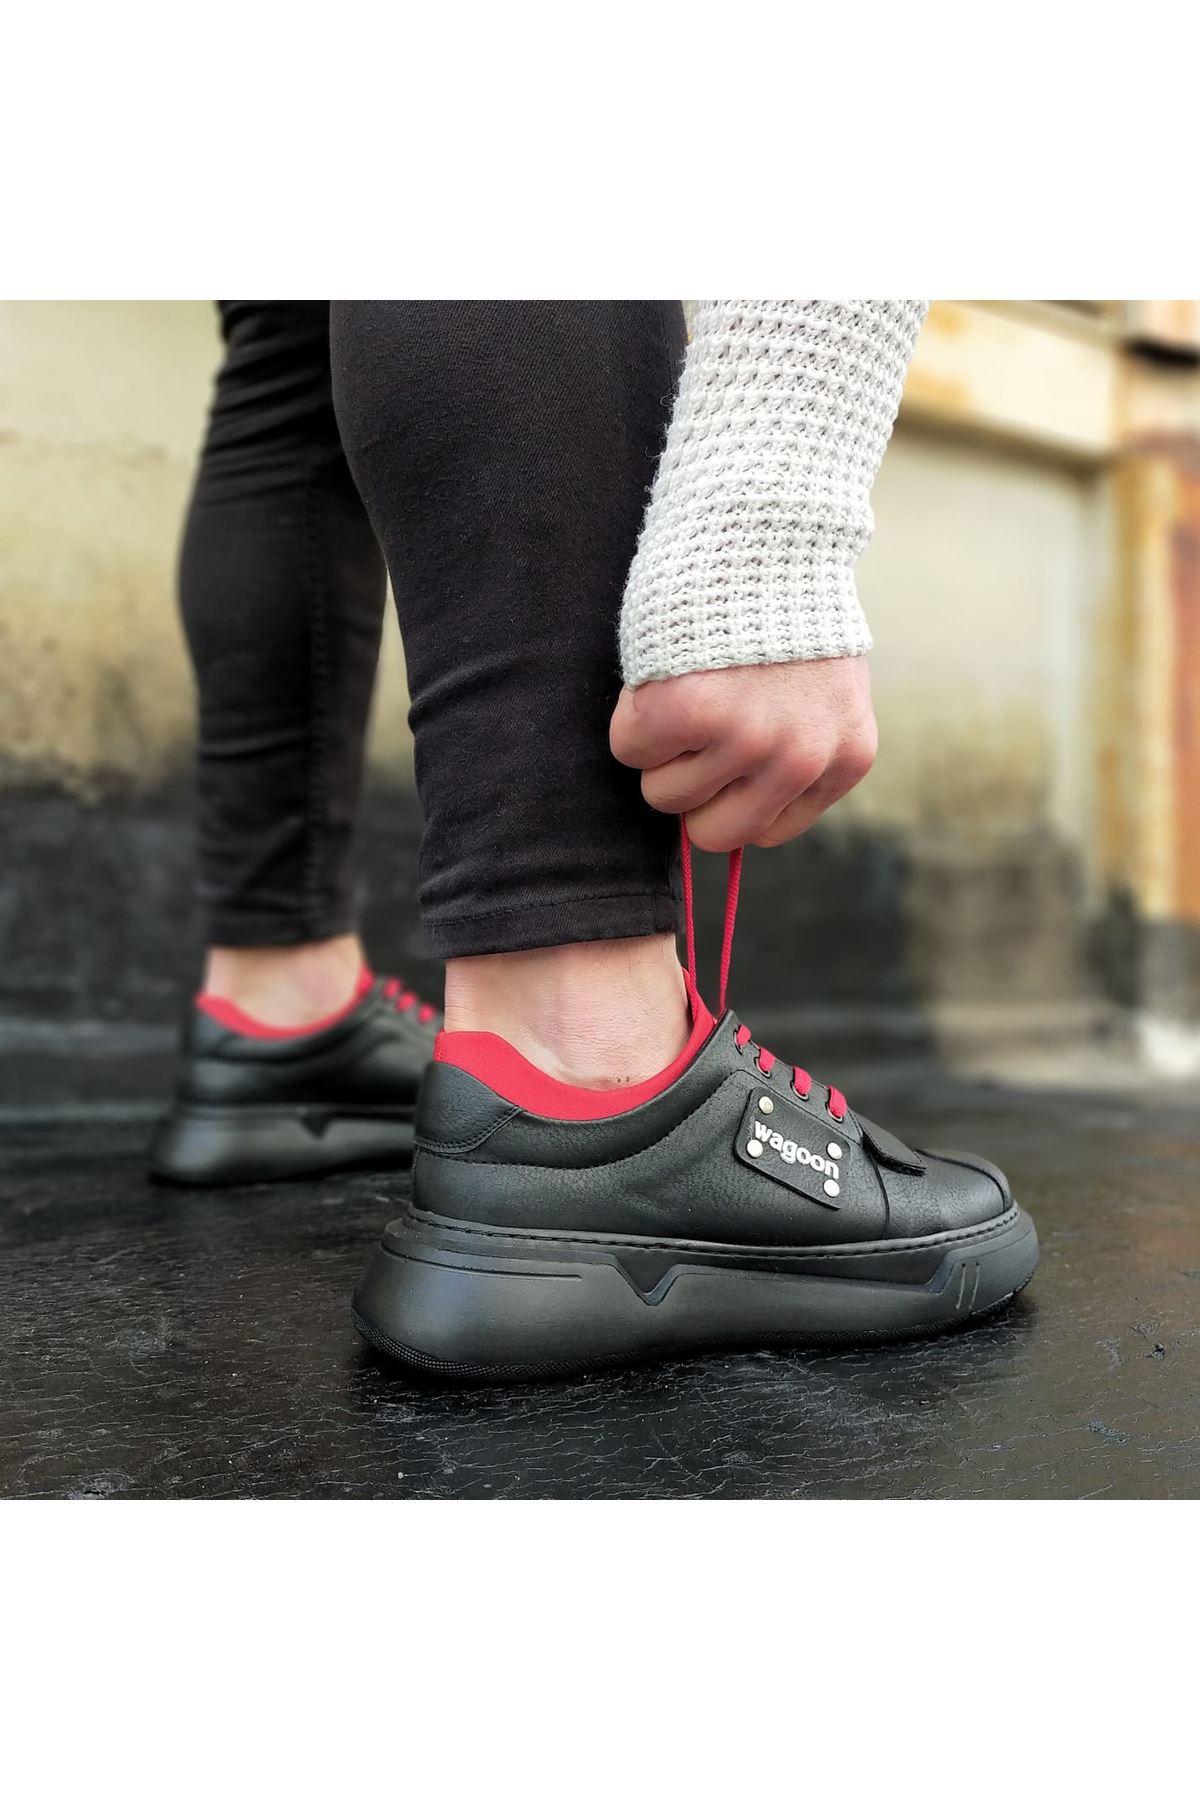 Wagoon WG018 Kömür Kırmızı  Erkek Yüksek Taban  Ayakkabı